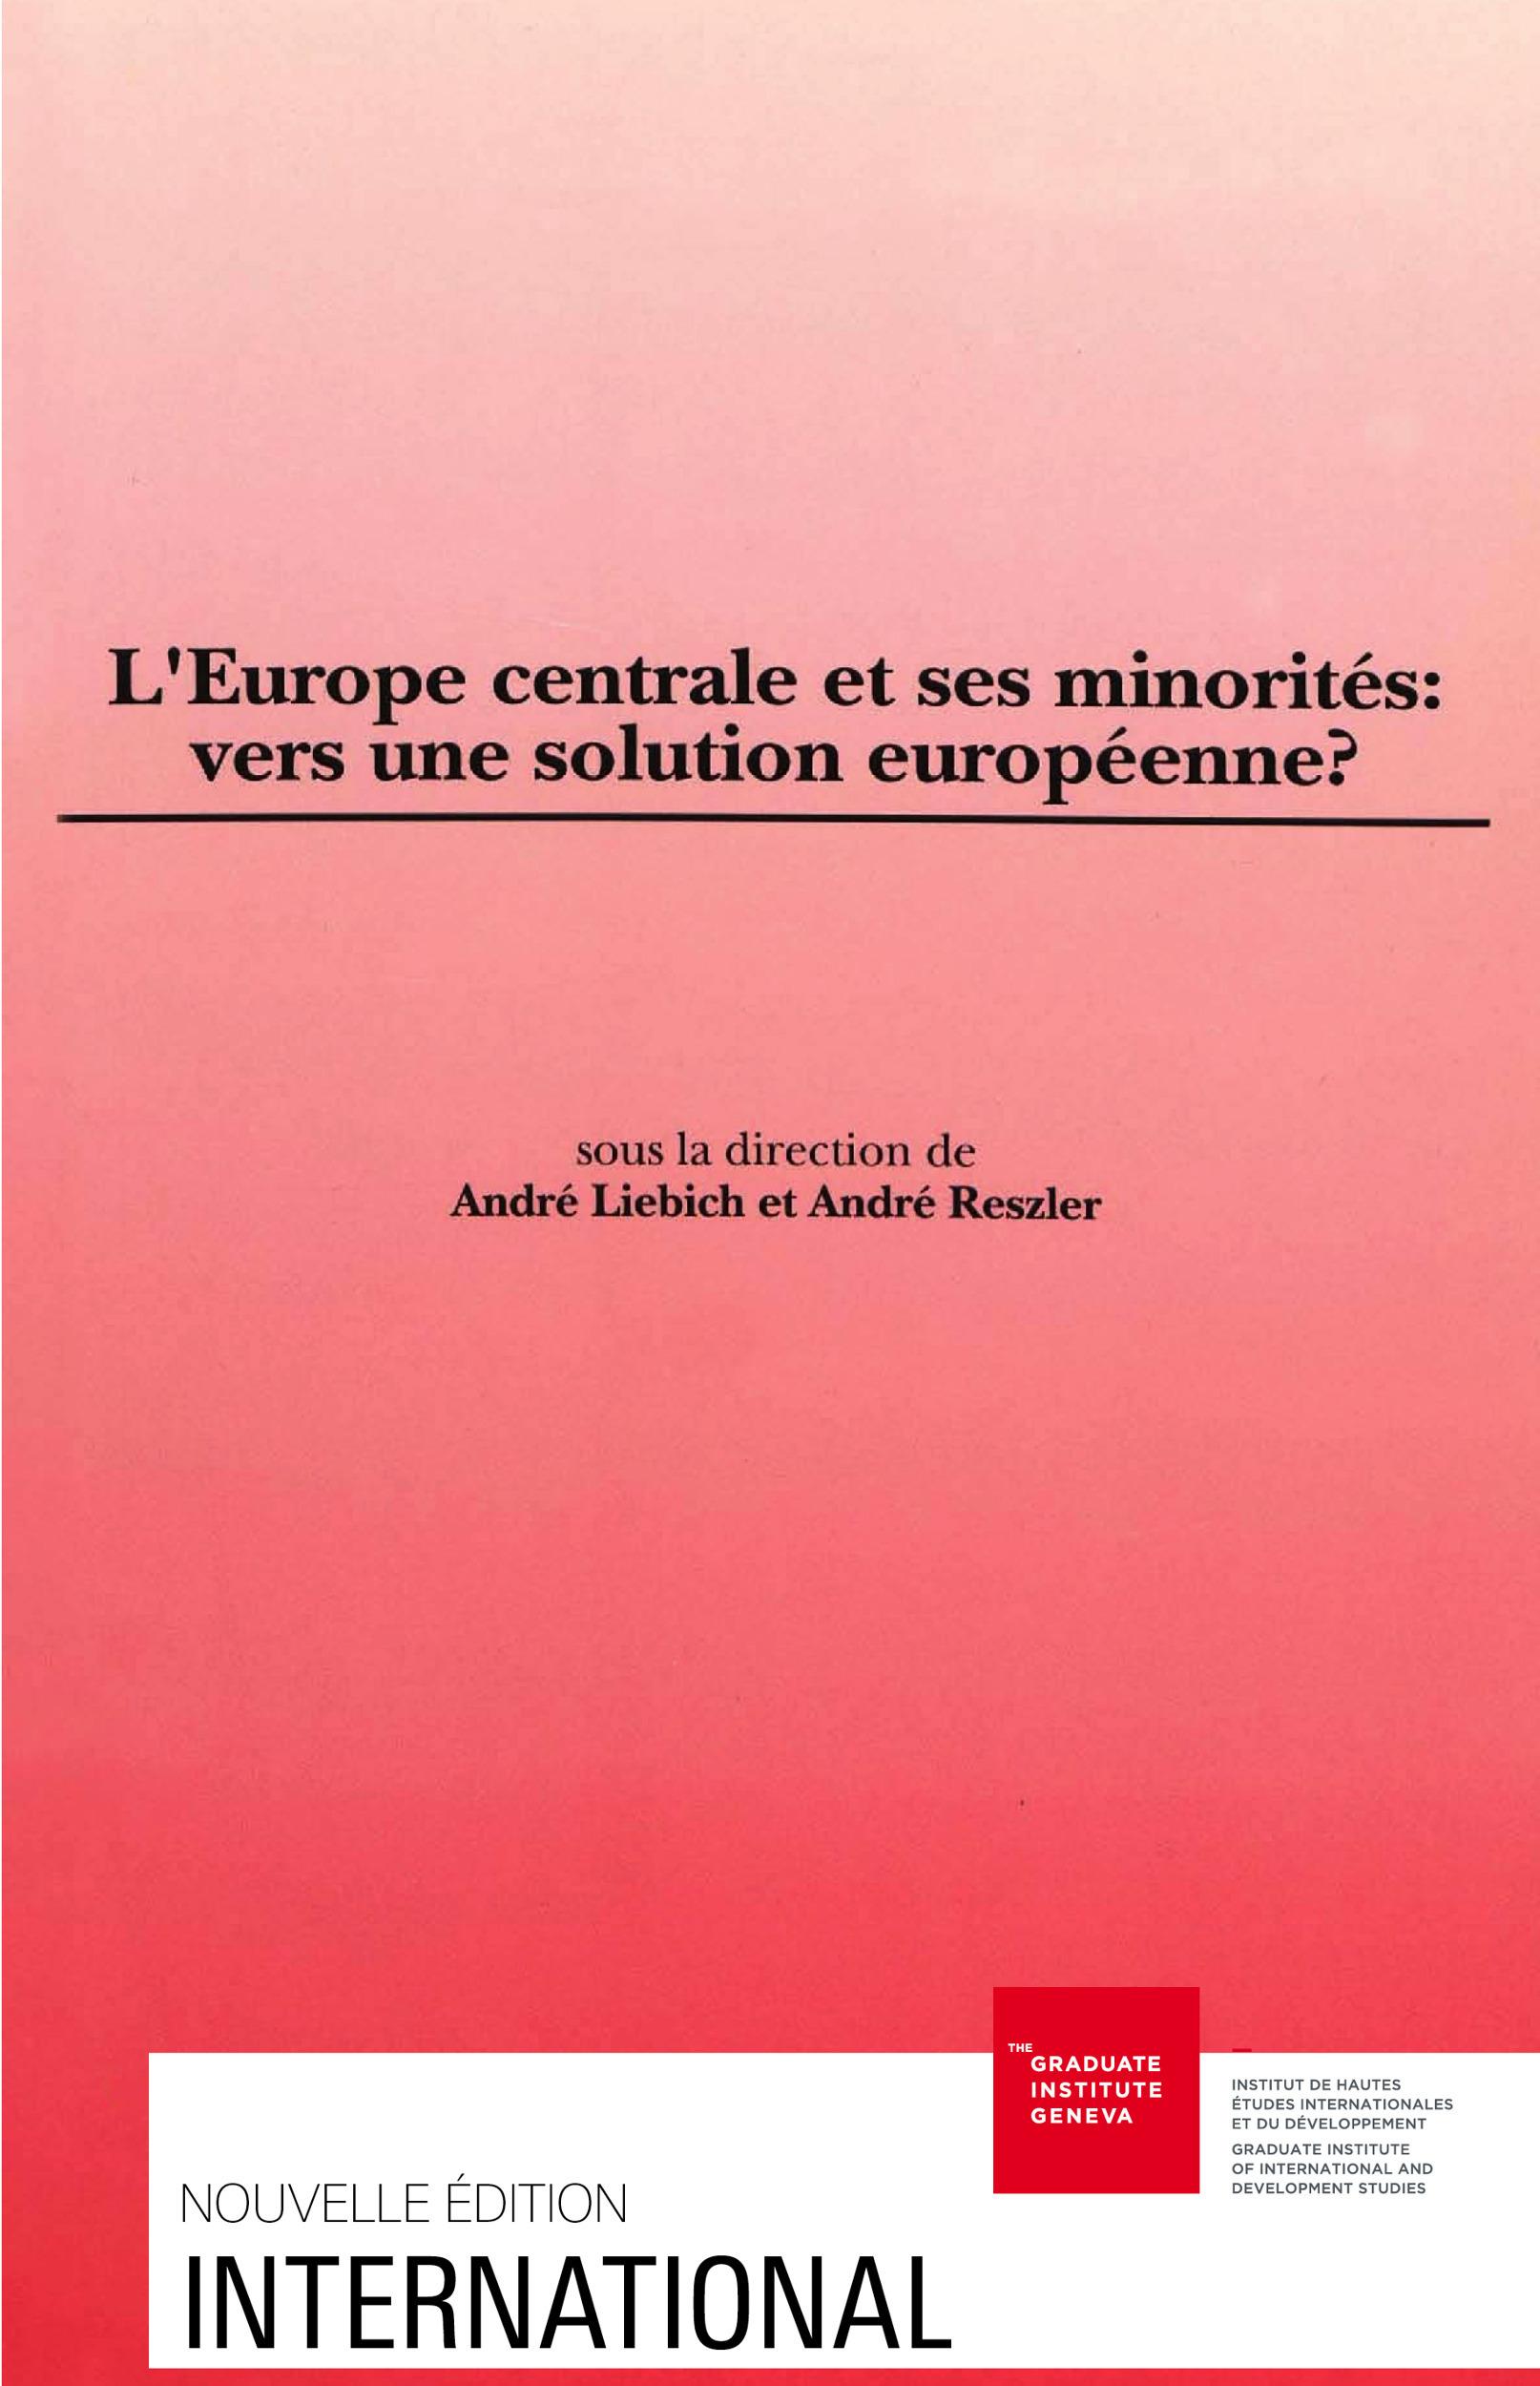 L'Europe centrale et ses minorités : vers une solution européenne ?